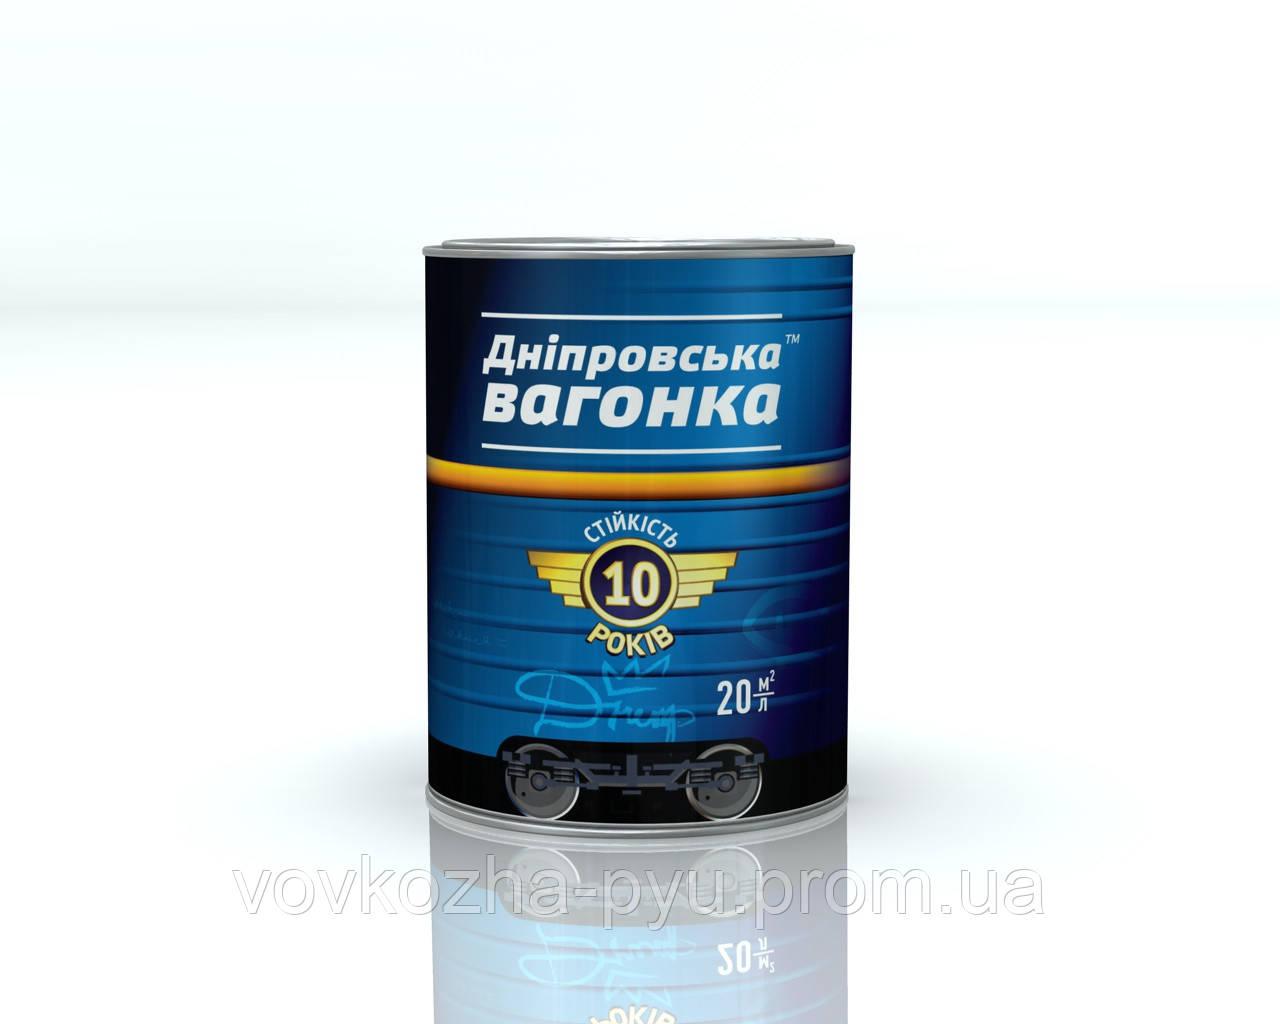 Эмаль Днепровская Вагонка ПФ-133 серый лак 2.3 кг